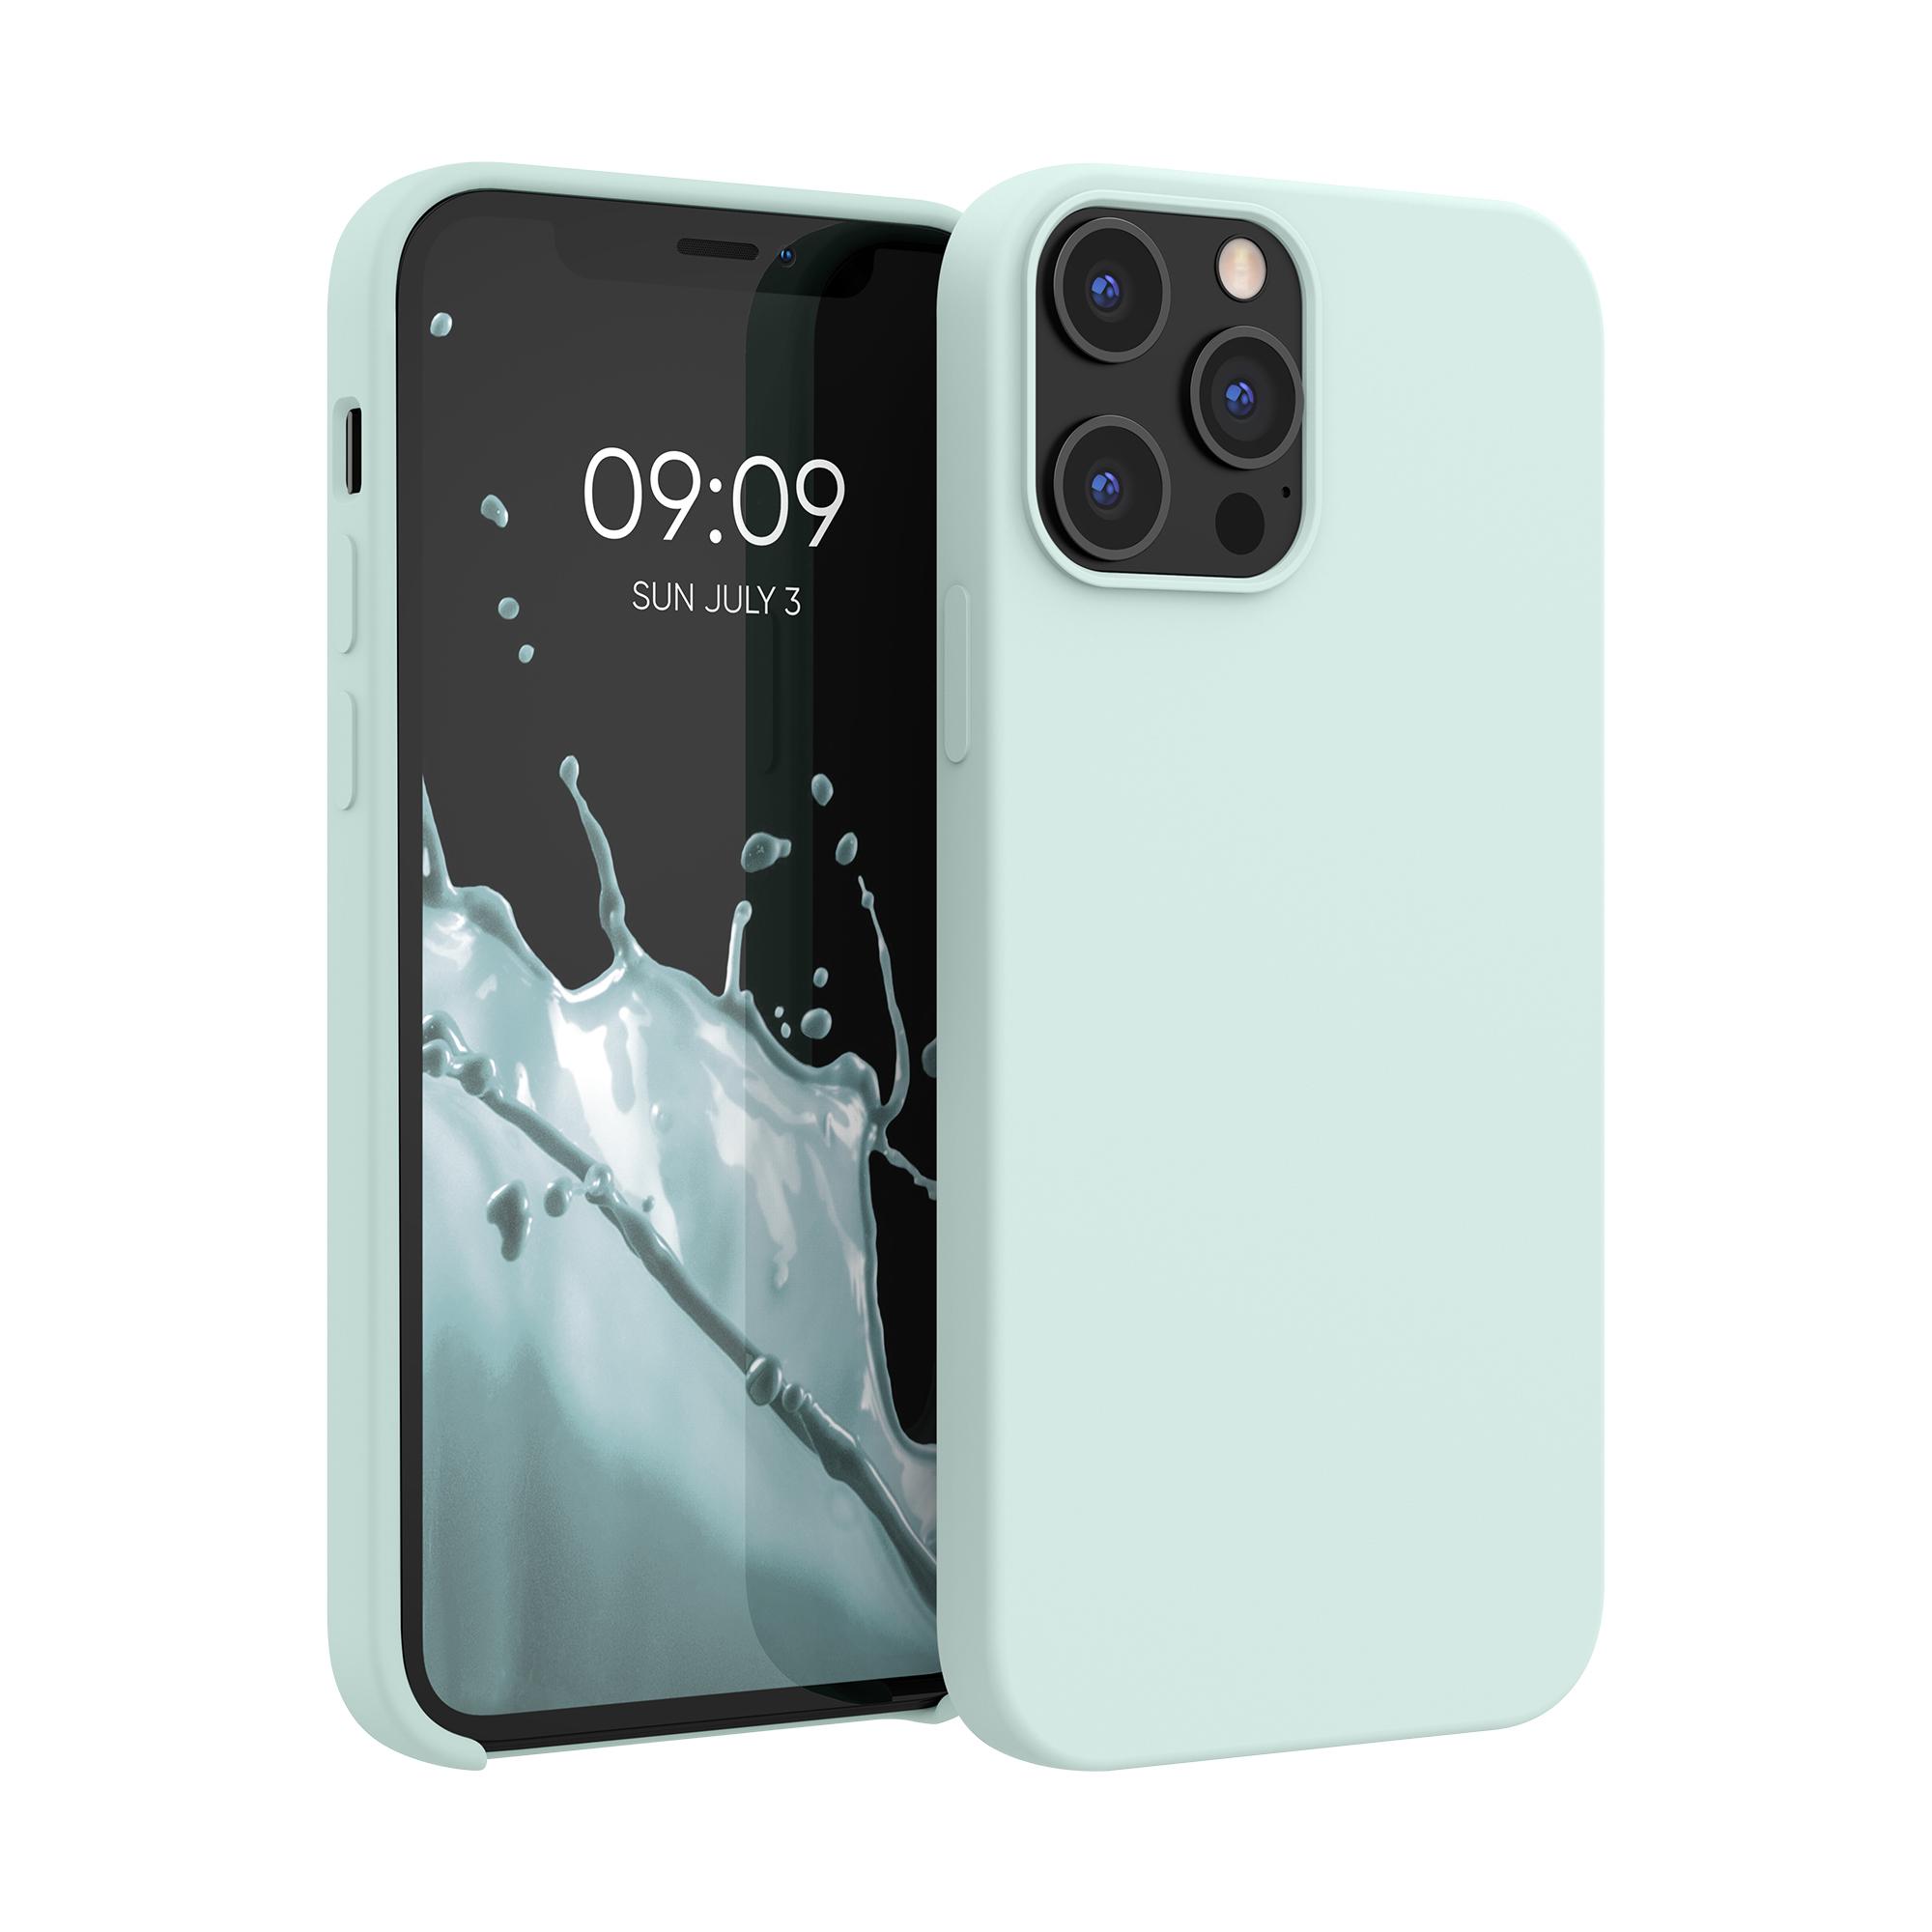 Kvalitní silikonové TPU pouzdro pro Apple iPhone 12 Pro Max - Frosty Mint